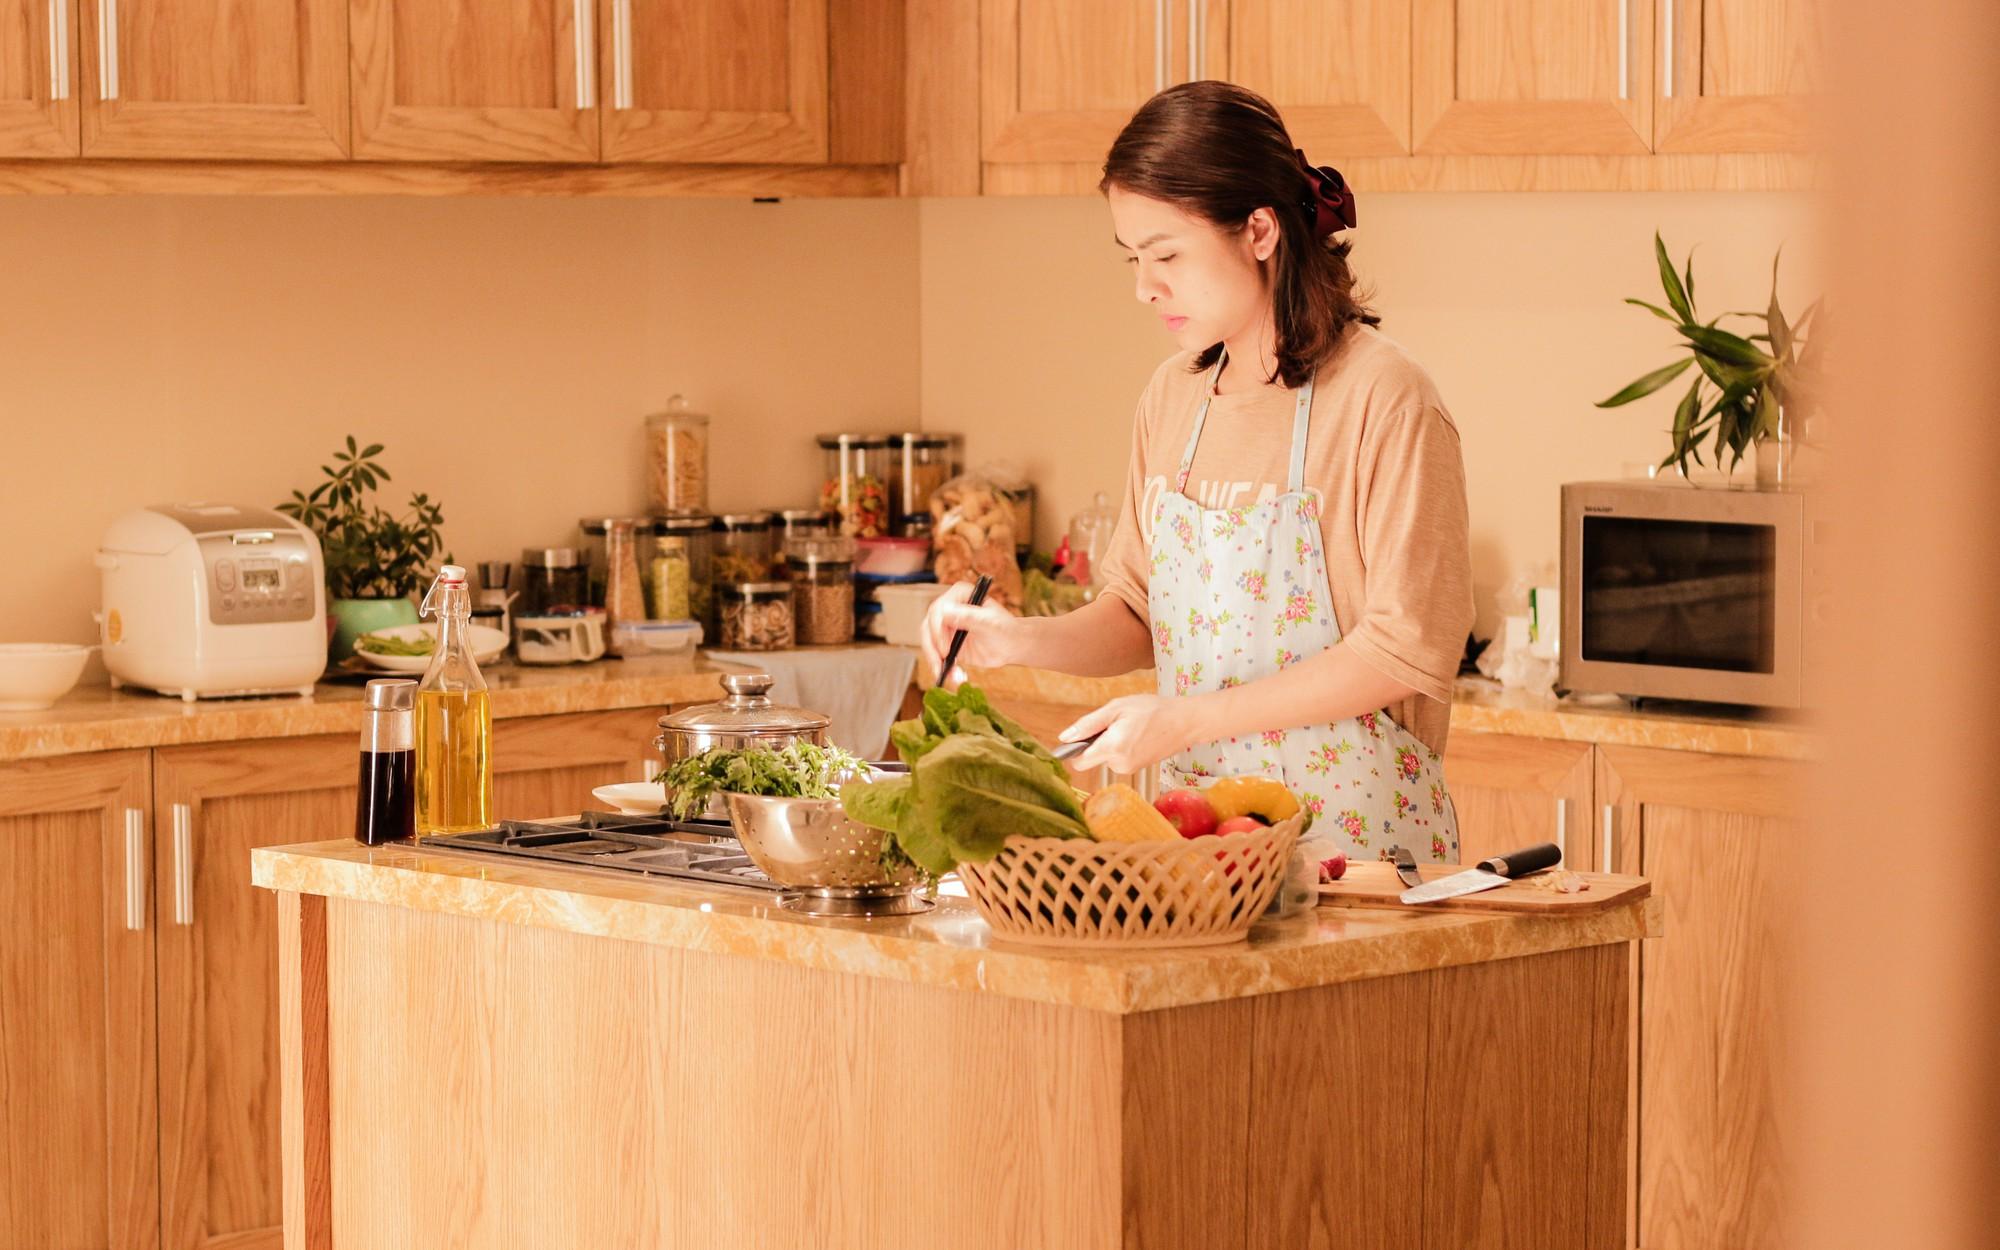 Phụ nữ thời đại: Chốn công sở và góc bếp, nơi nào vất vả hơn? - Ảnh 6.